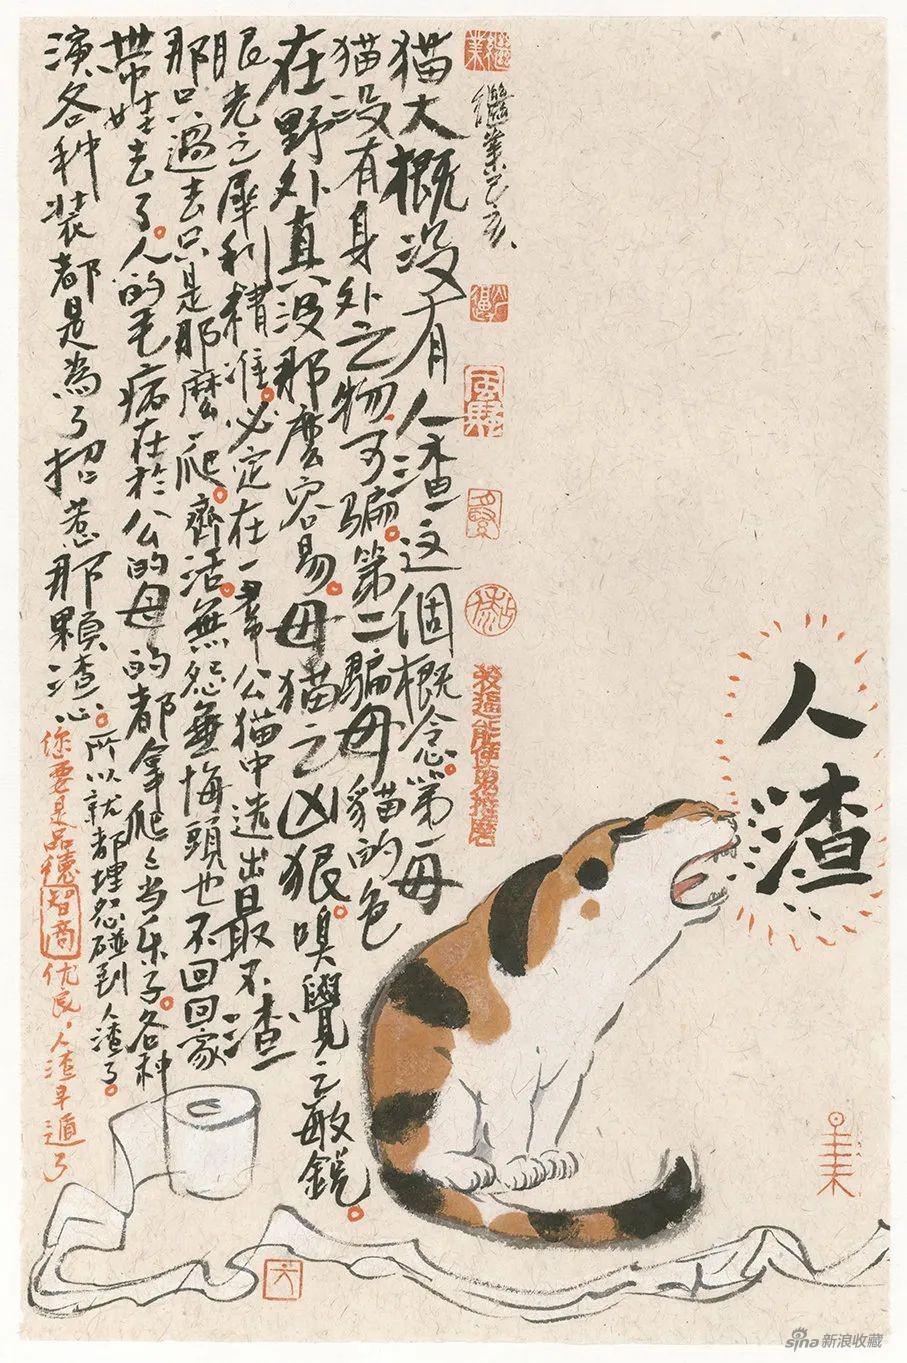 人渣三花貓 紙本水墨 34 x 23cm